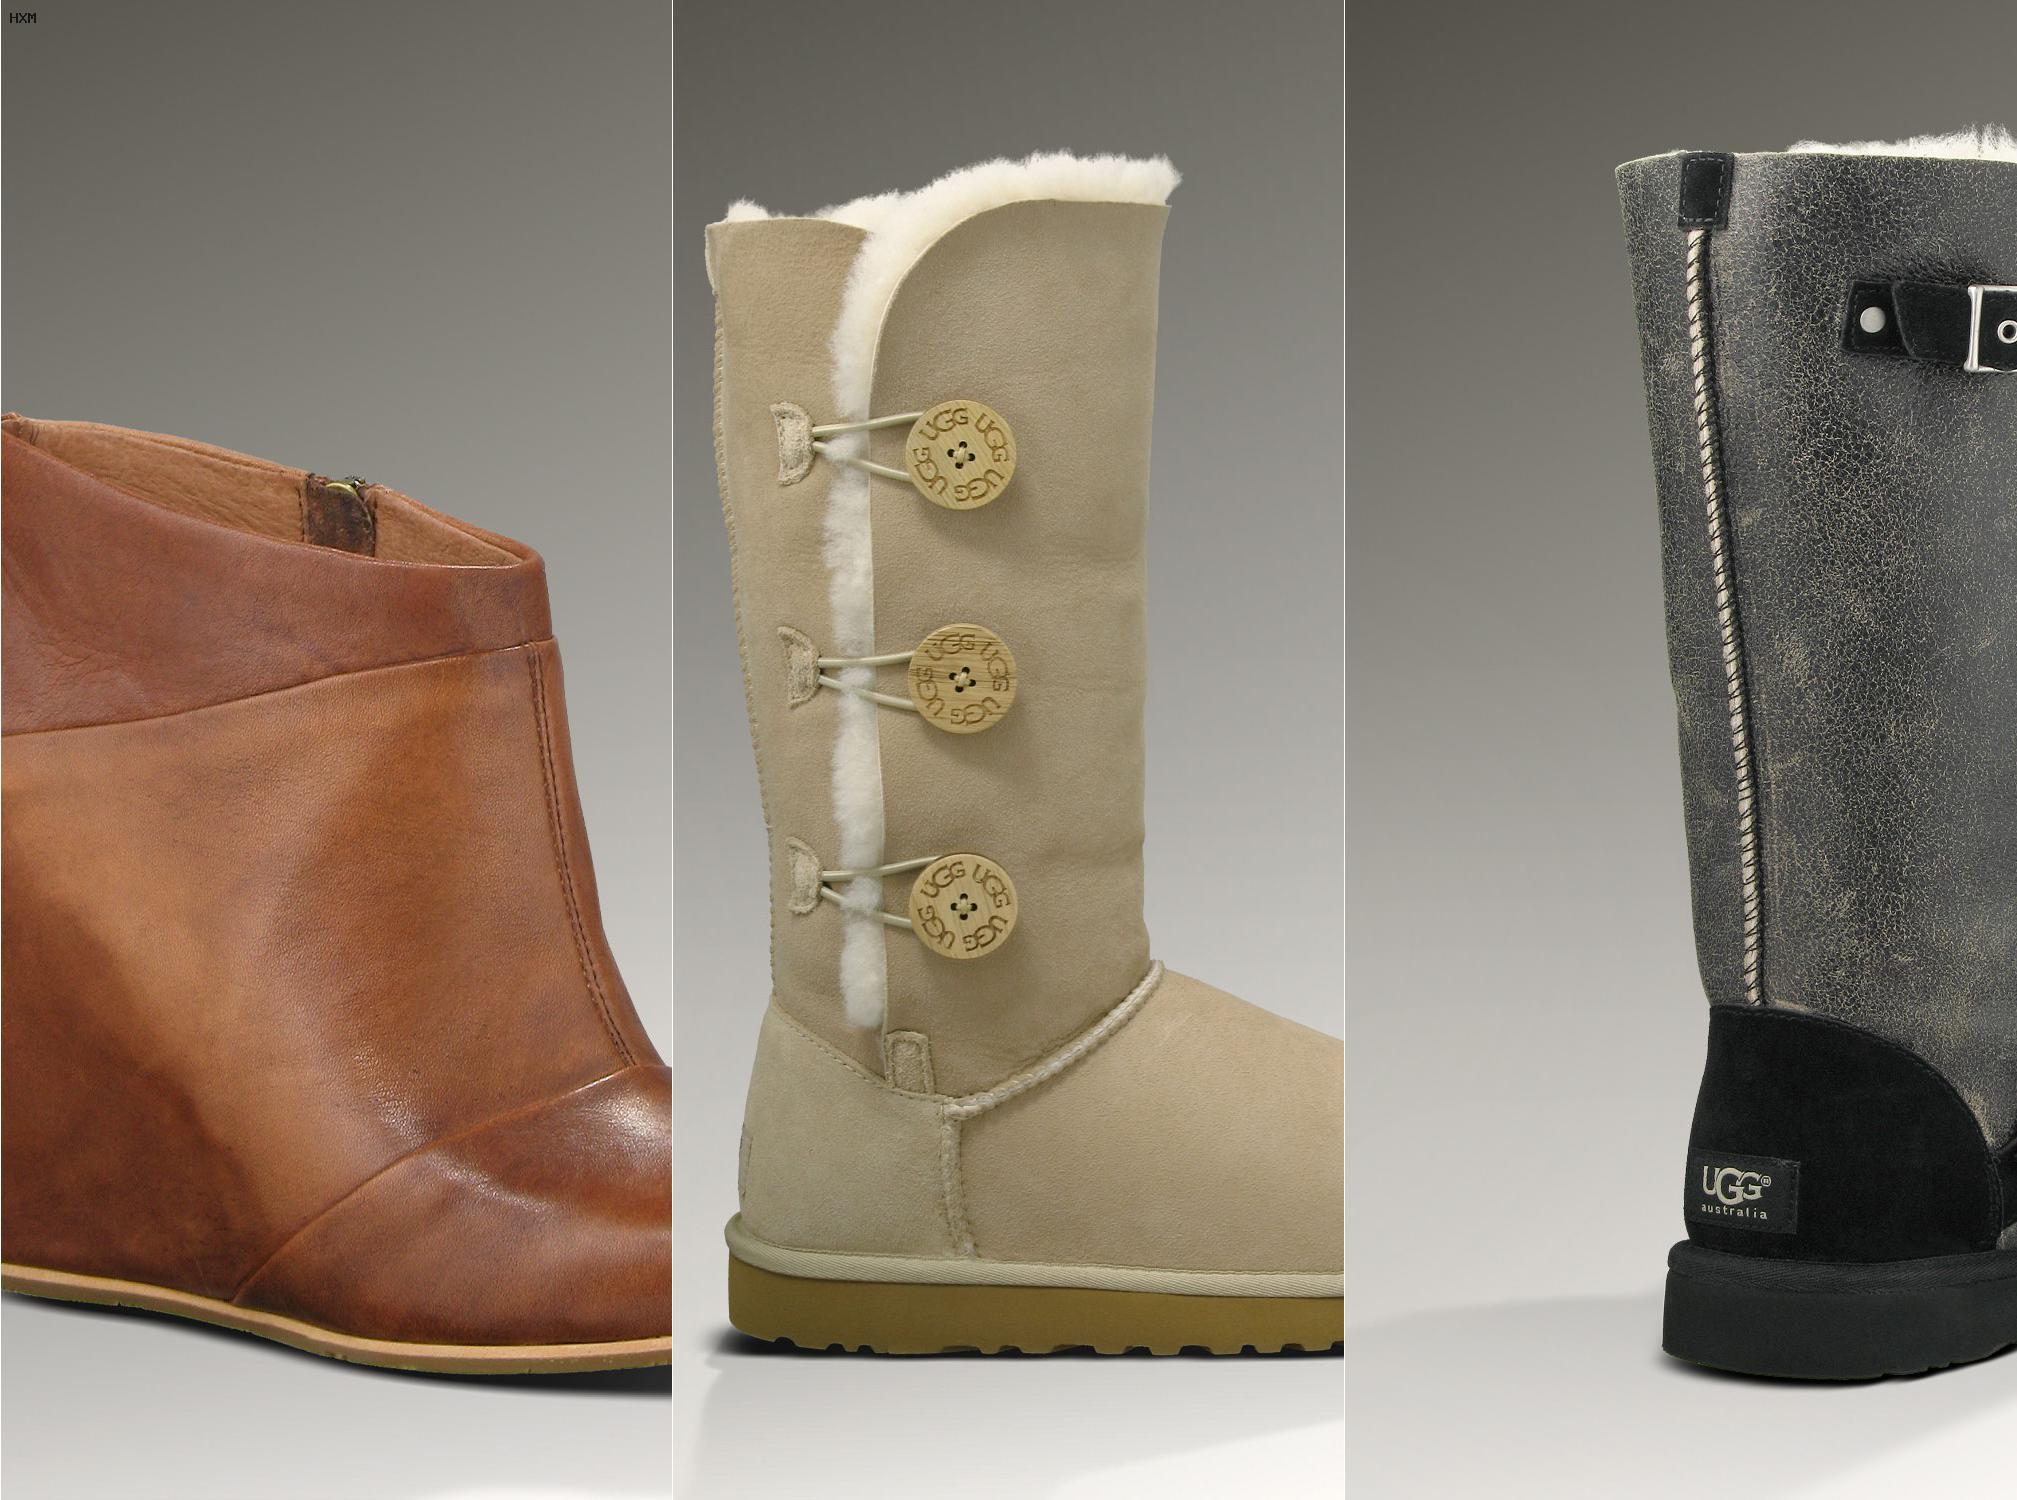 ugg boots kinder größe 35